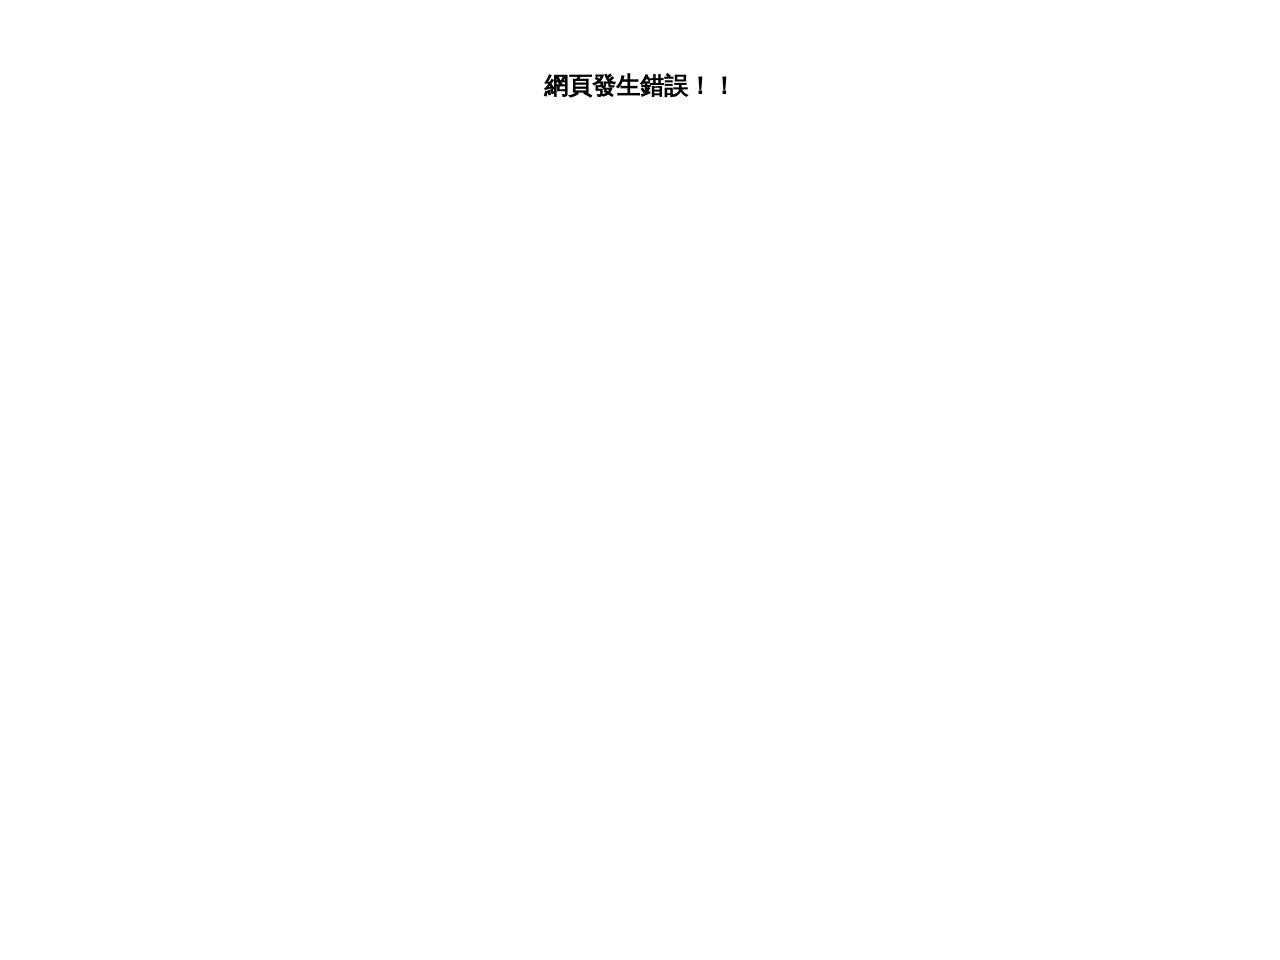 「110年捕捉蘆洲之美攝影比賽」延長收件時間至11月20日,歡迎踴躍報名參加!